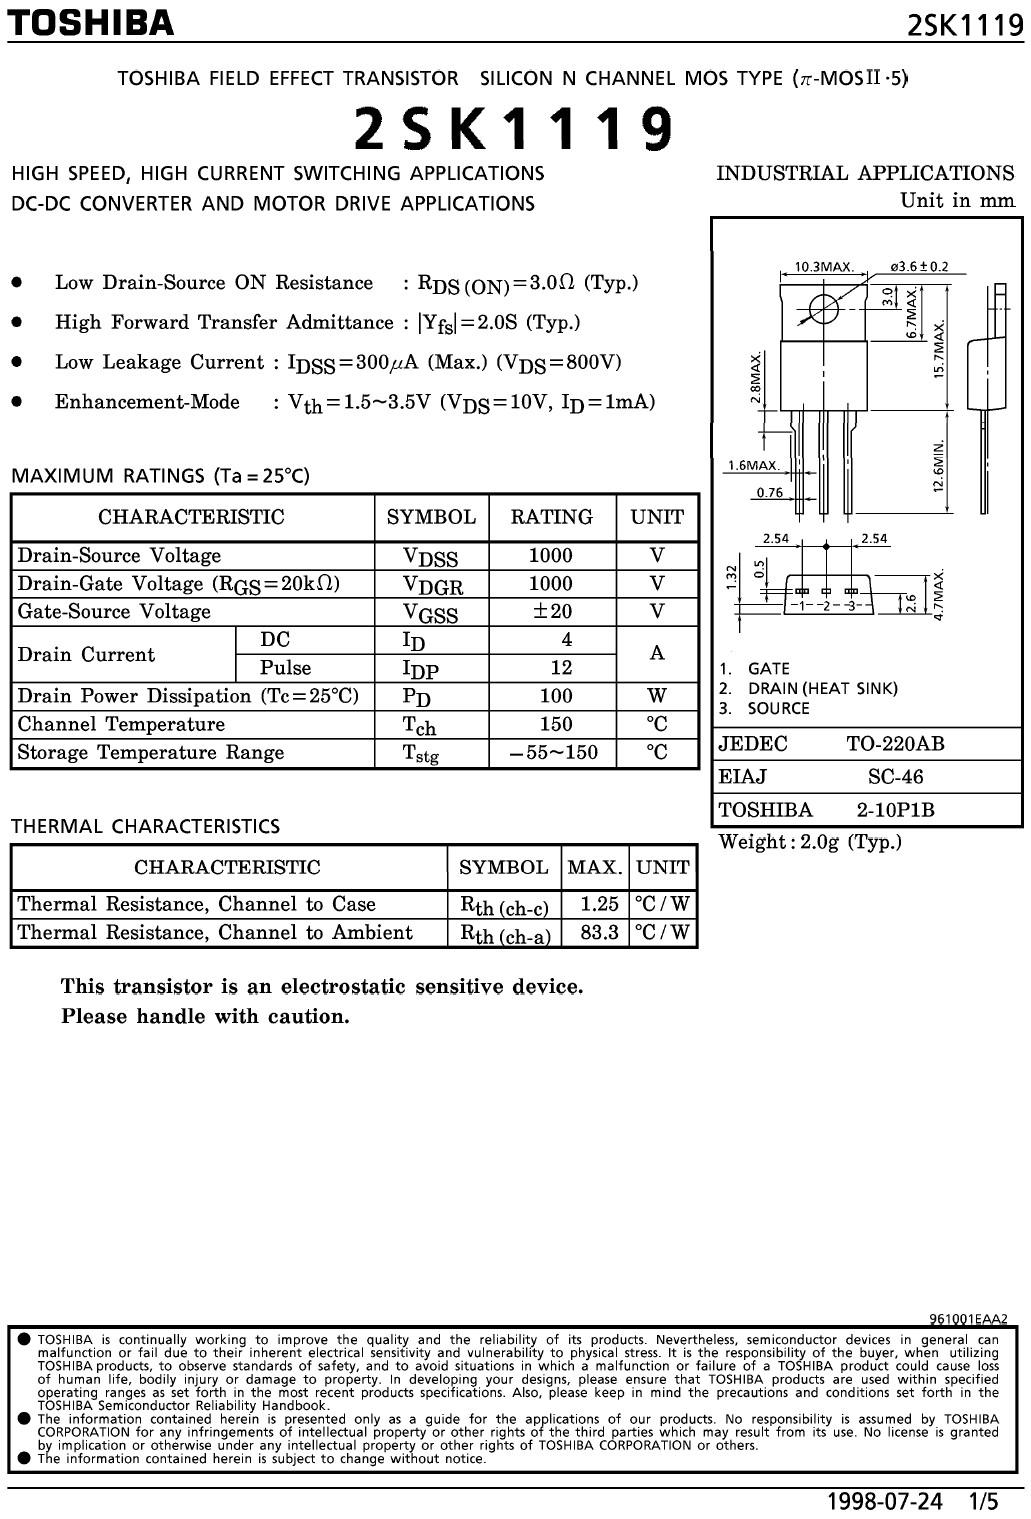 N-MOS 1000V 4A/12Ap 100W 3R 2SK1119 -